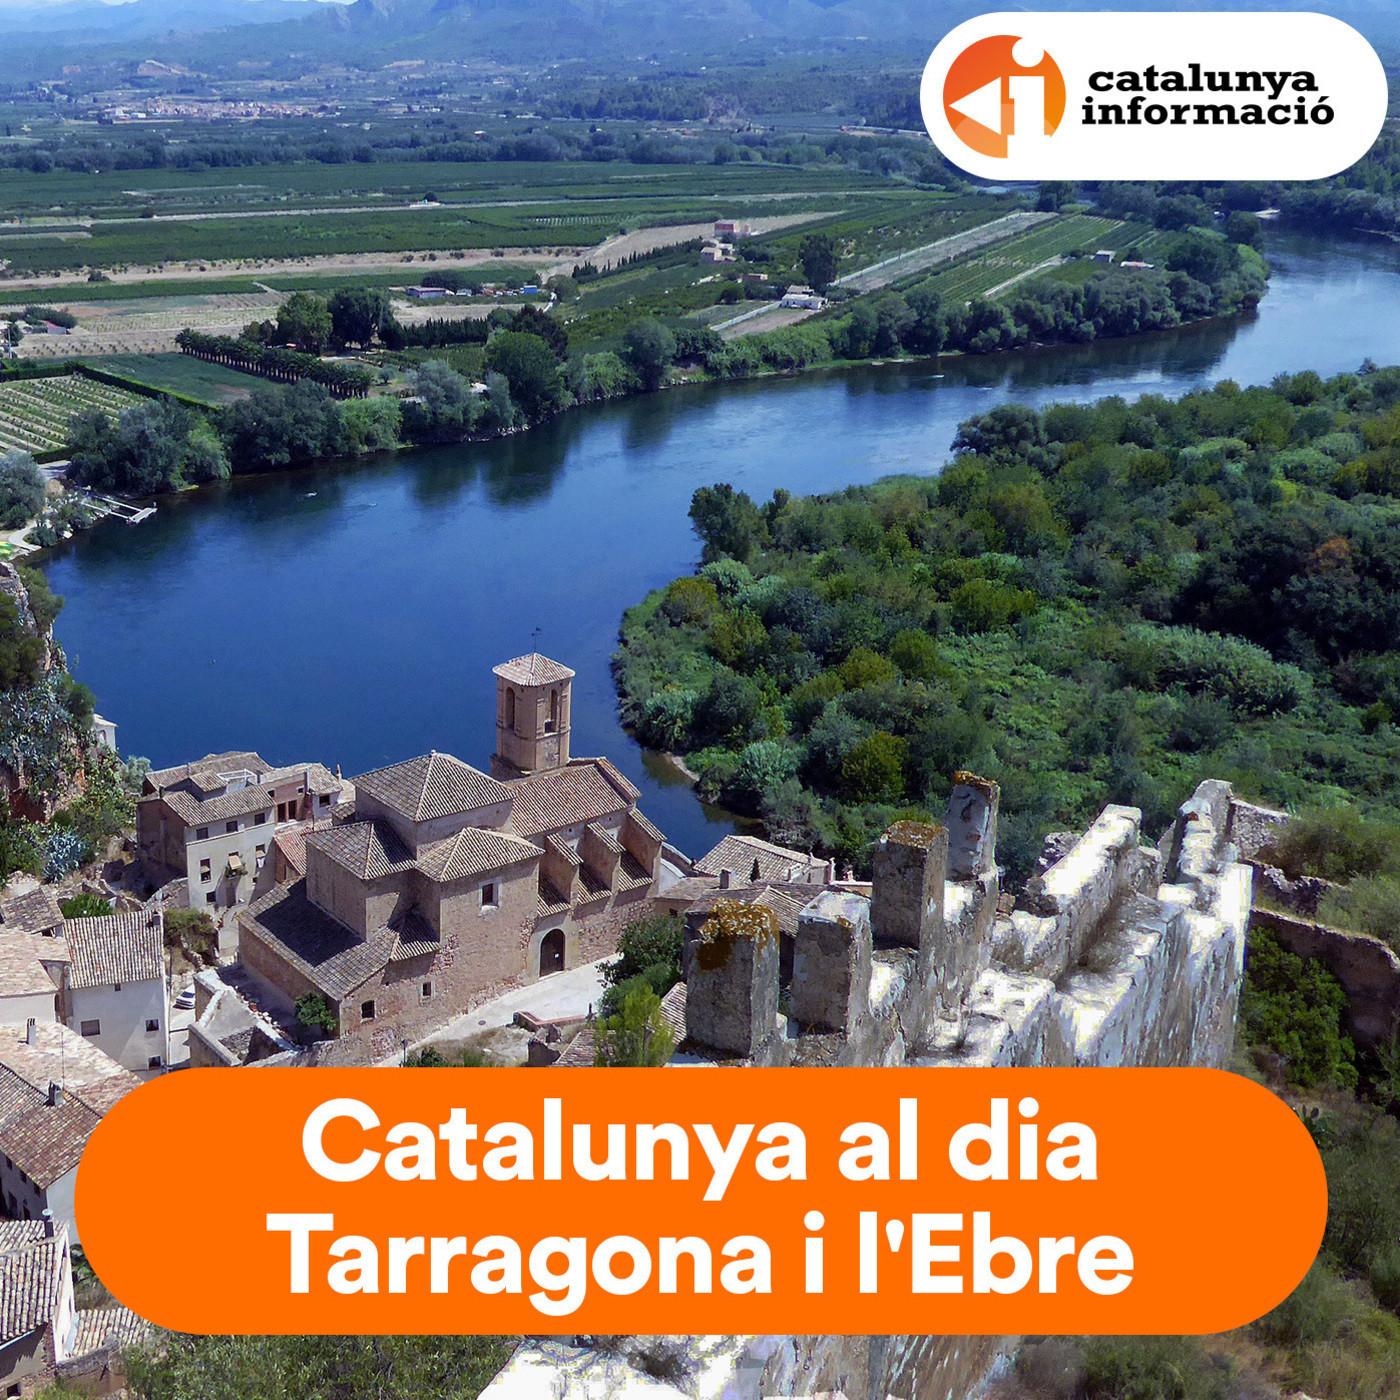 Reus impulsa una comunitat energètica publicoprivada pionera - 20/10/20